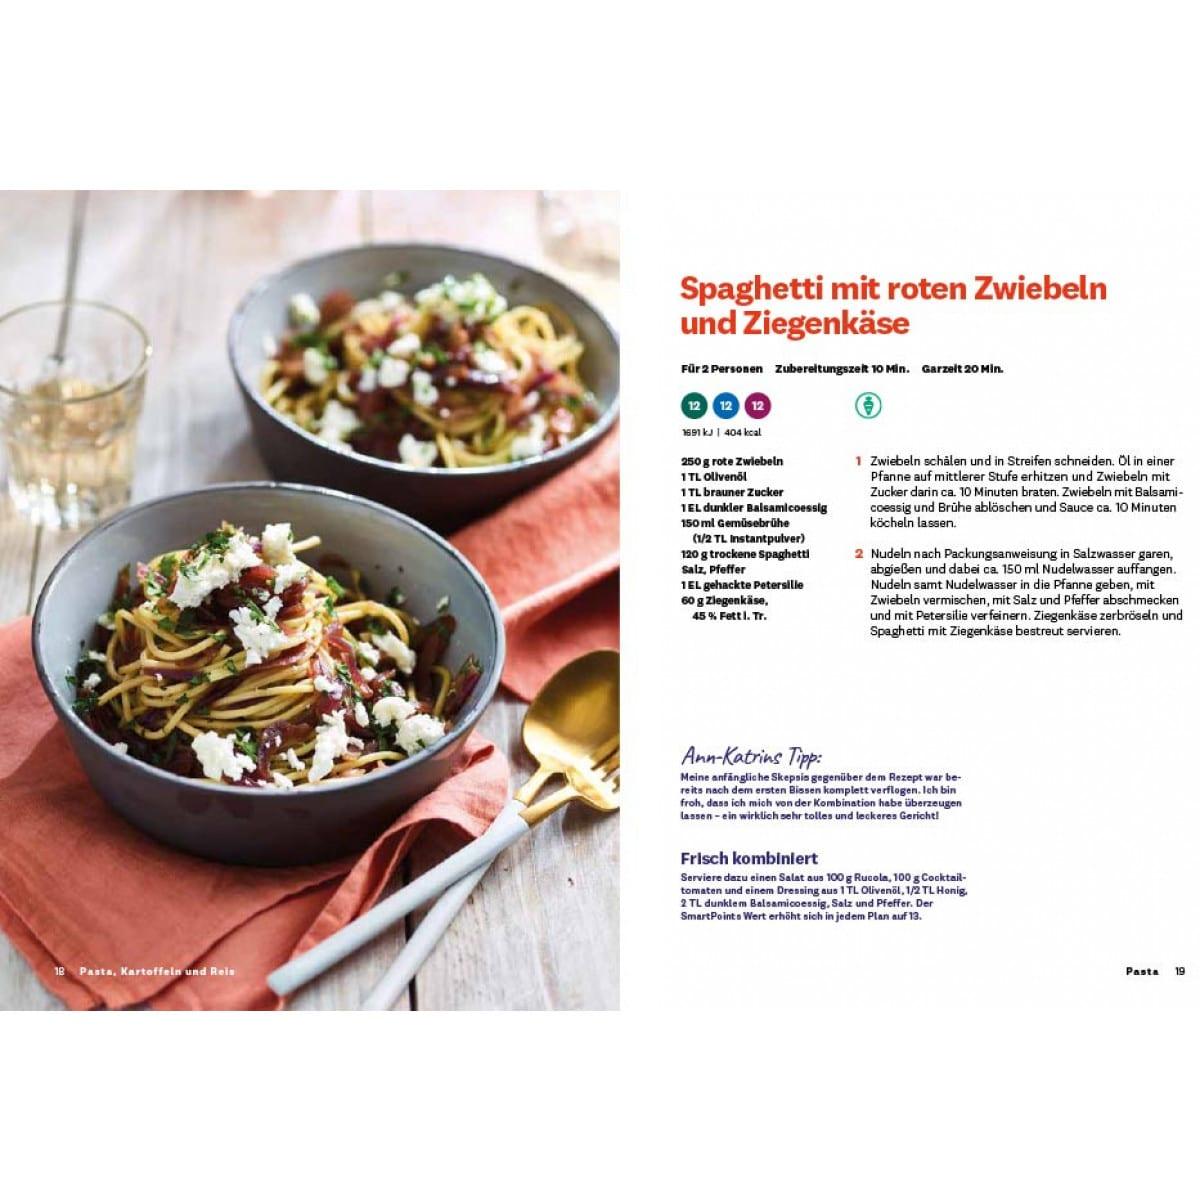 WW Kochbuch Pasta, Kartoffeln und Reis (56 Rezepte) 3